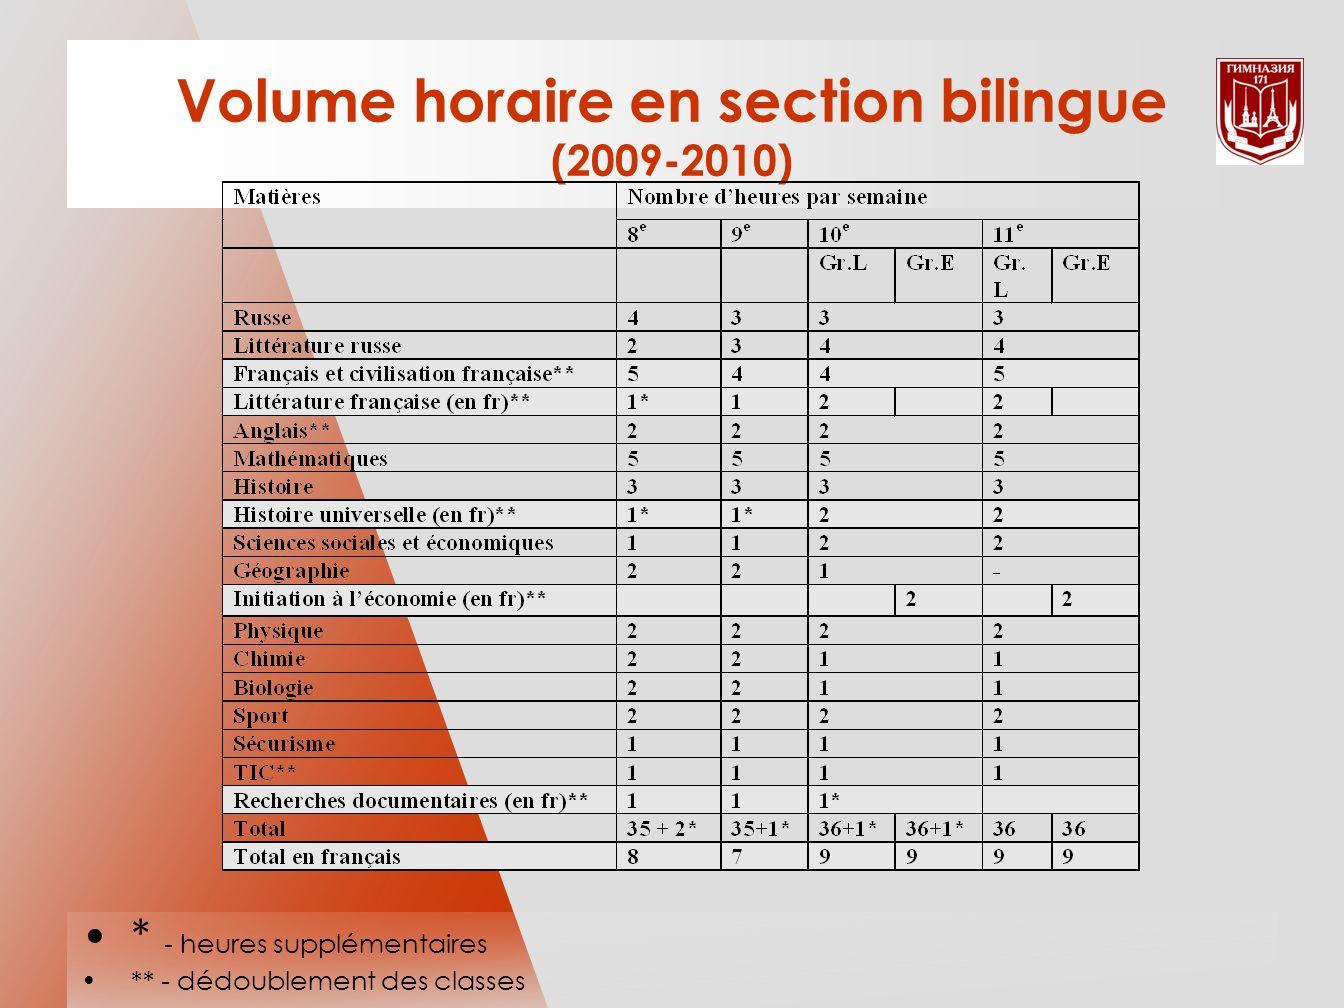 Volume horaire en section bilingue (2009-2010) * - heures supplémentaires ** - dédoublement des classes